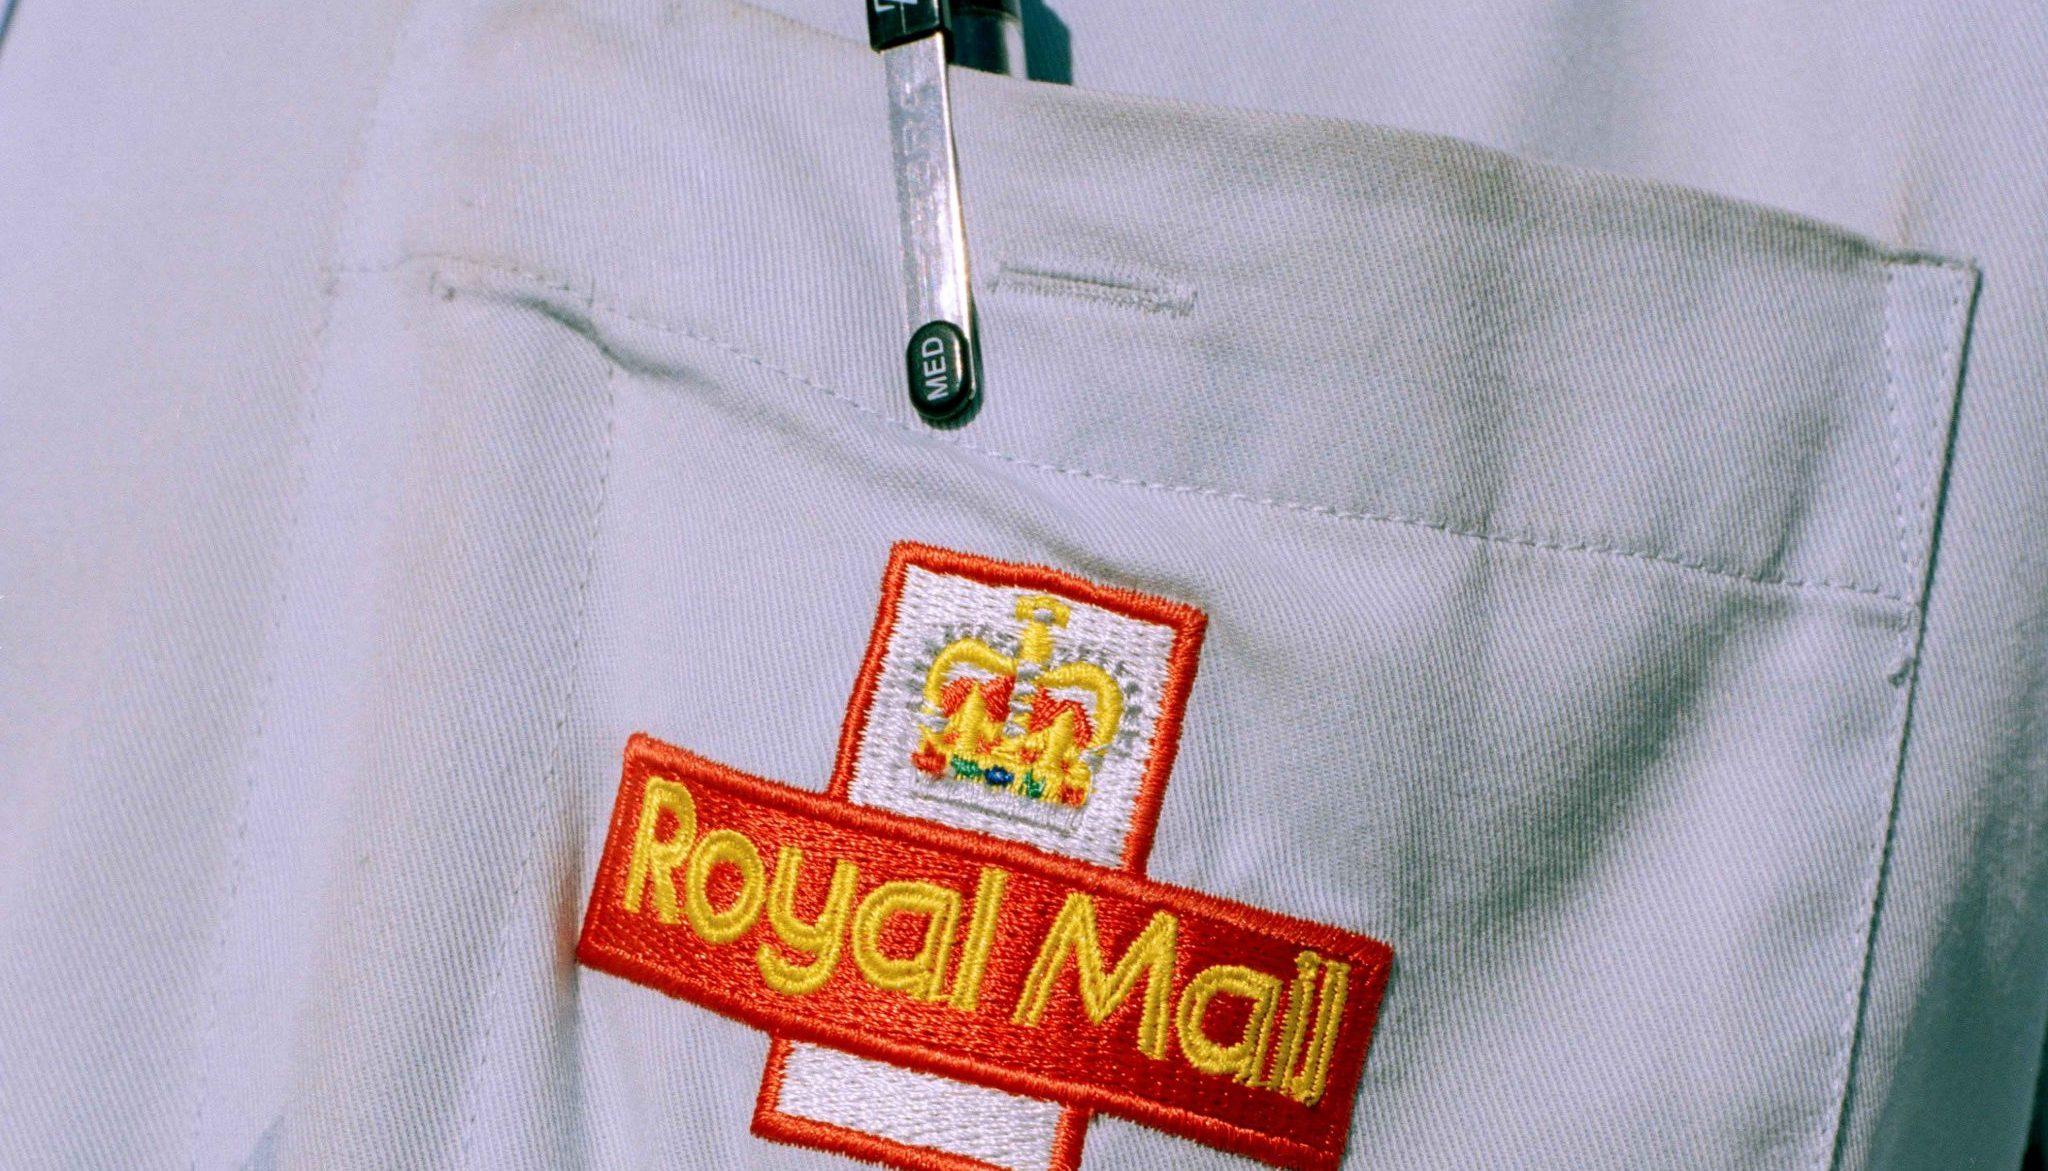 Royal Mail iconic logo